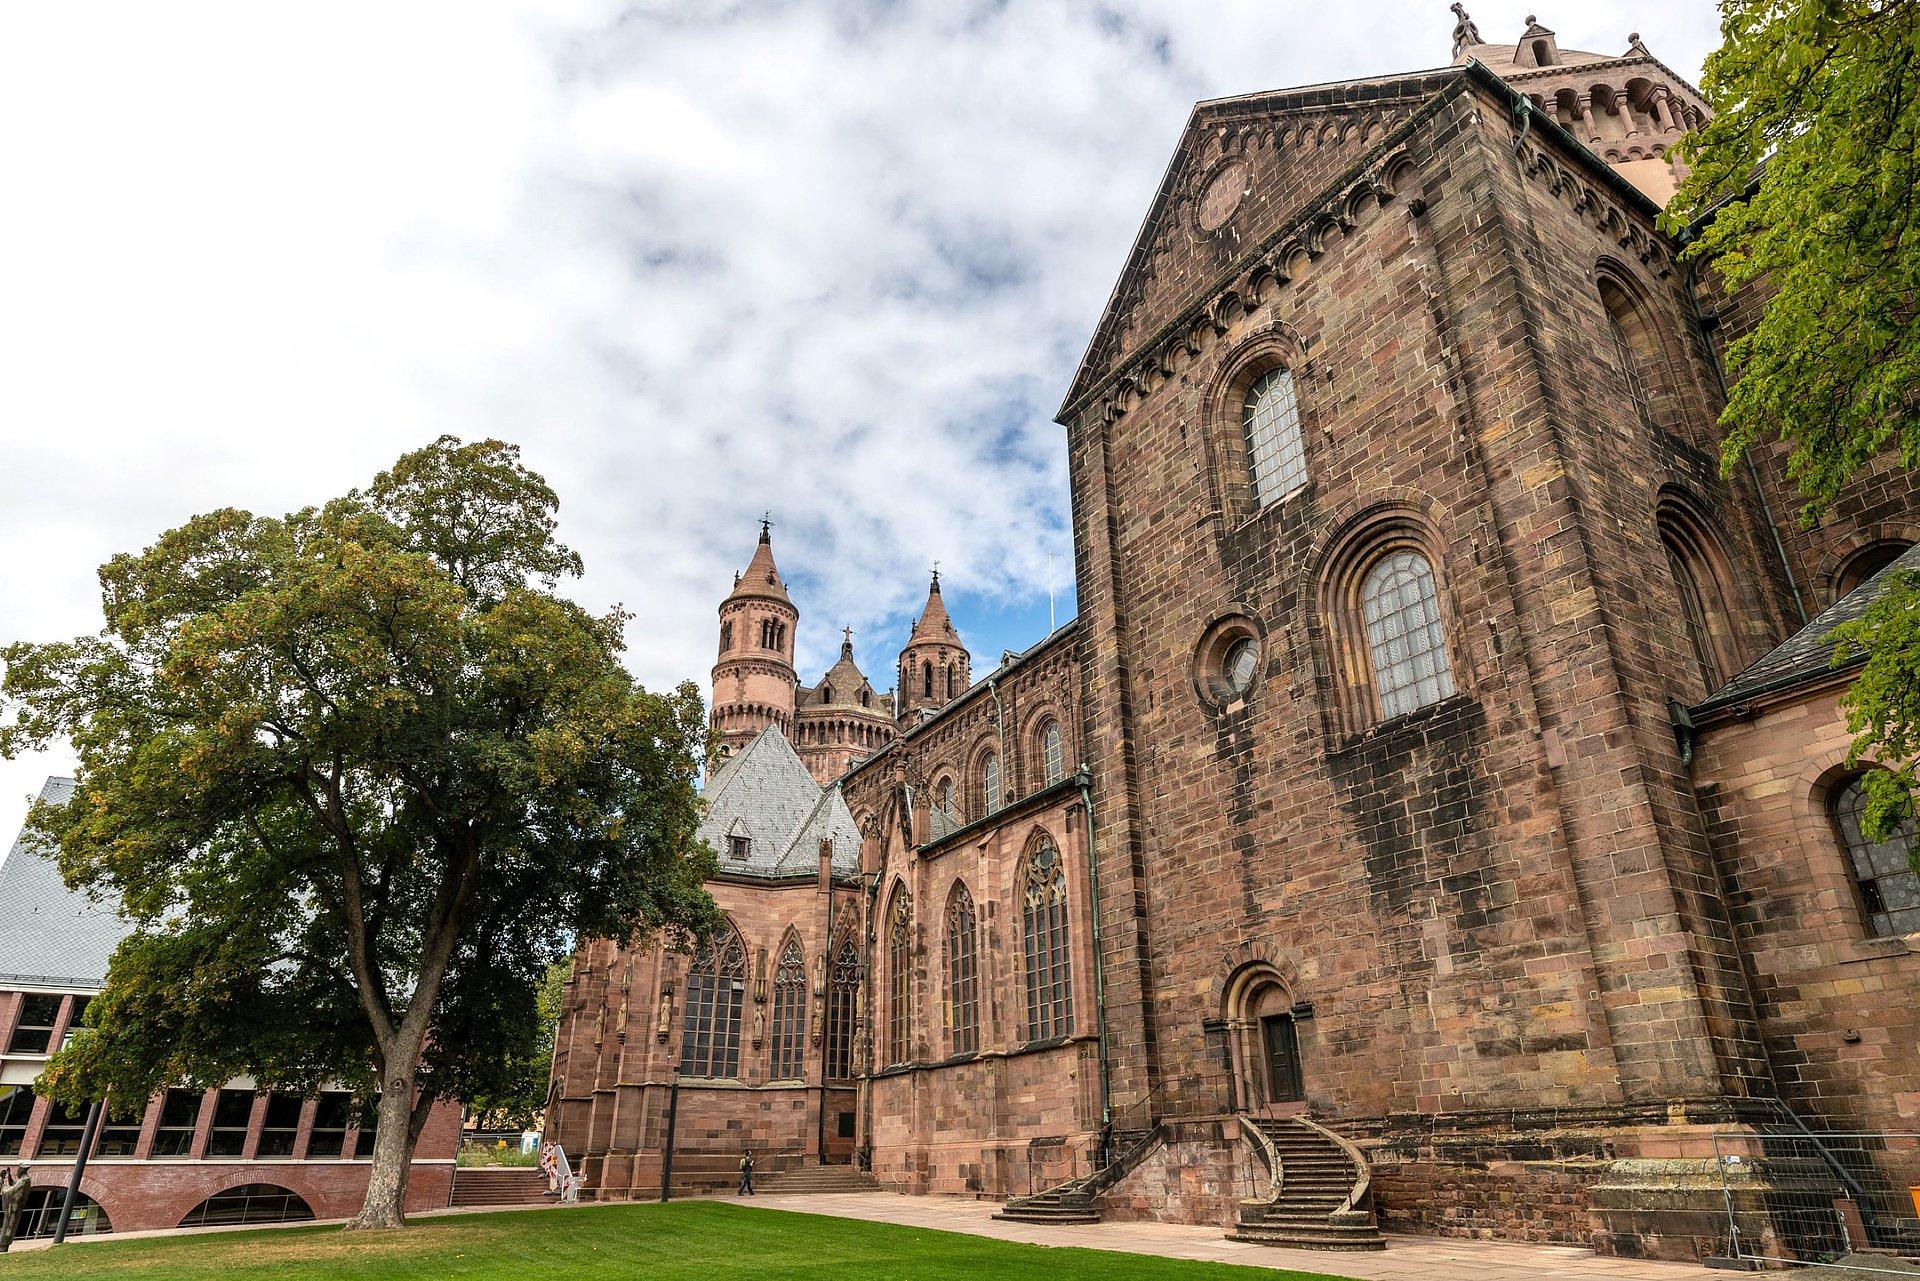 Blick auf den Dom St. Peter in Worms, Rheinhessen